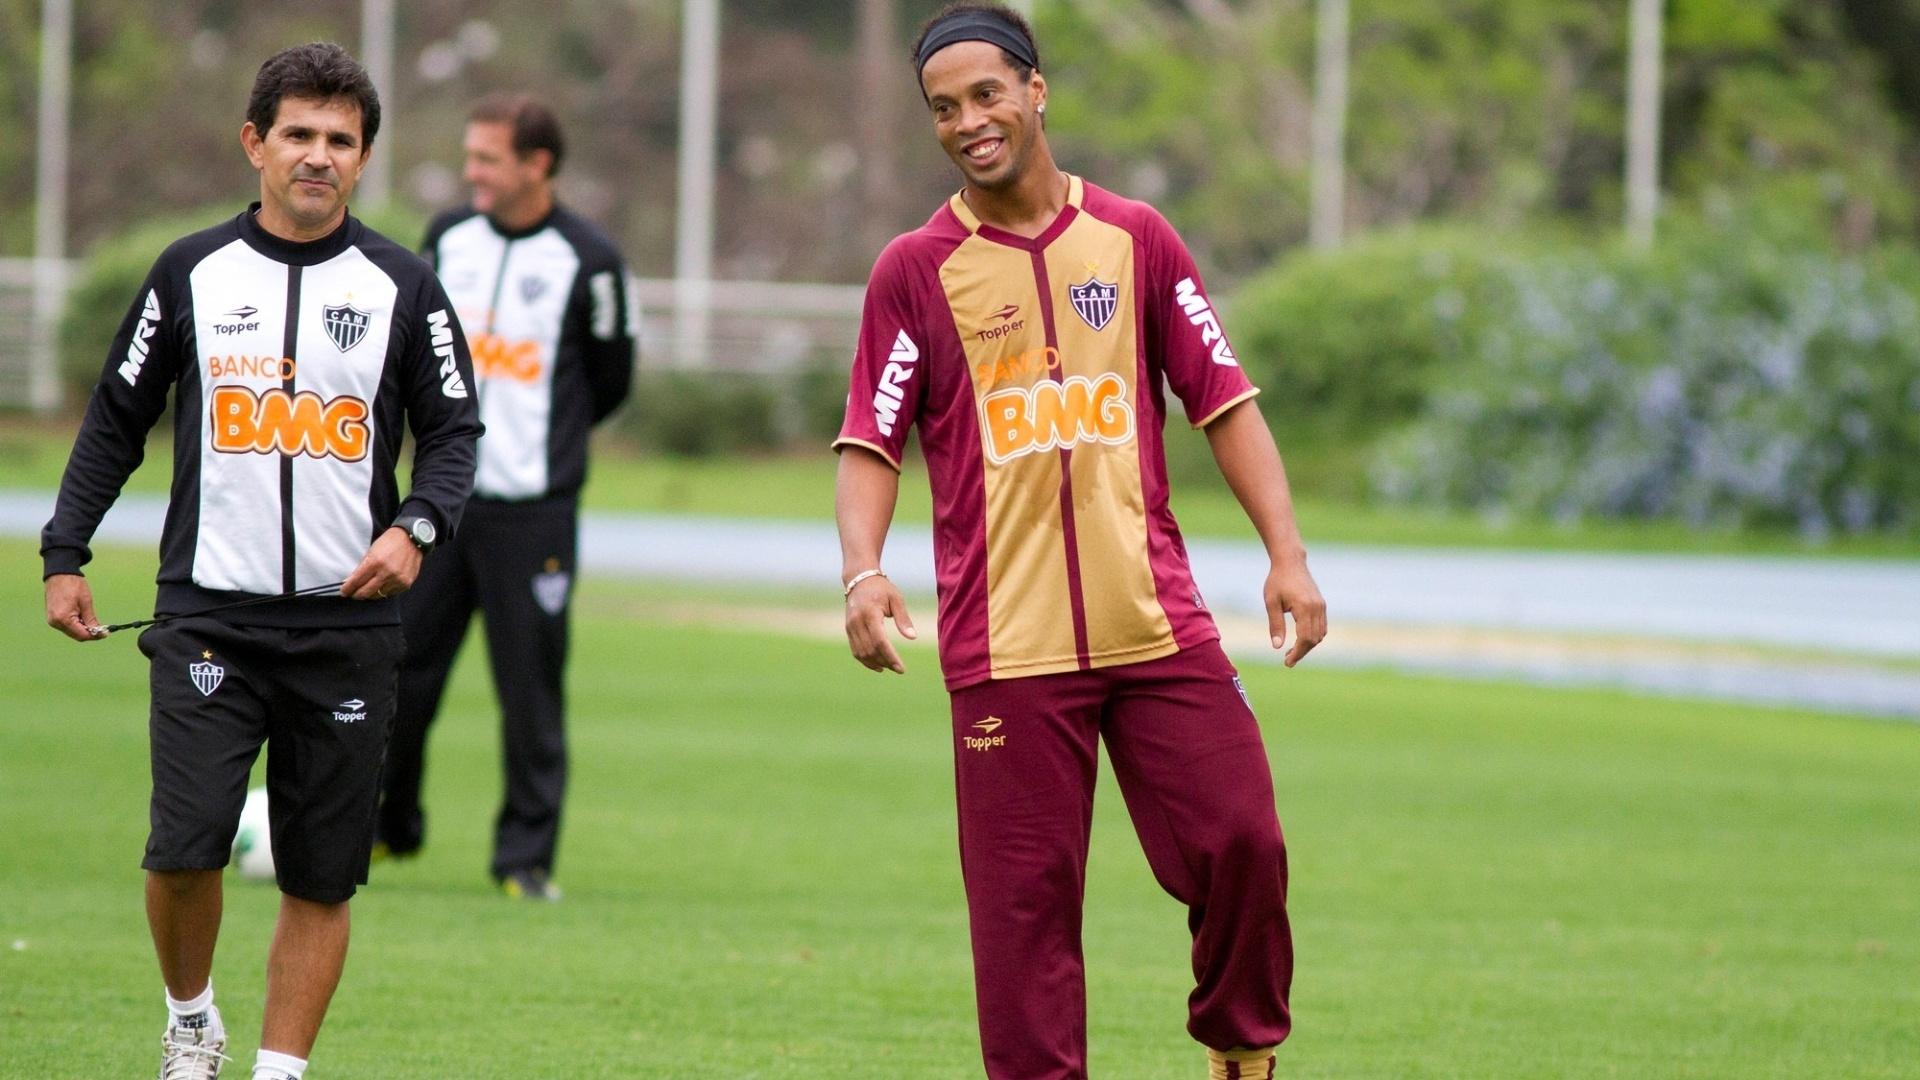 Descontraído, Ronaldinho sorri durante treino do Atlético-MG no centro esportivo da PUCRS em em Porto Alegre